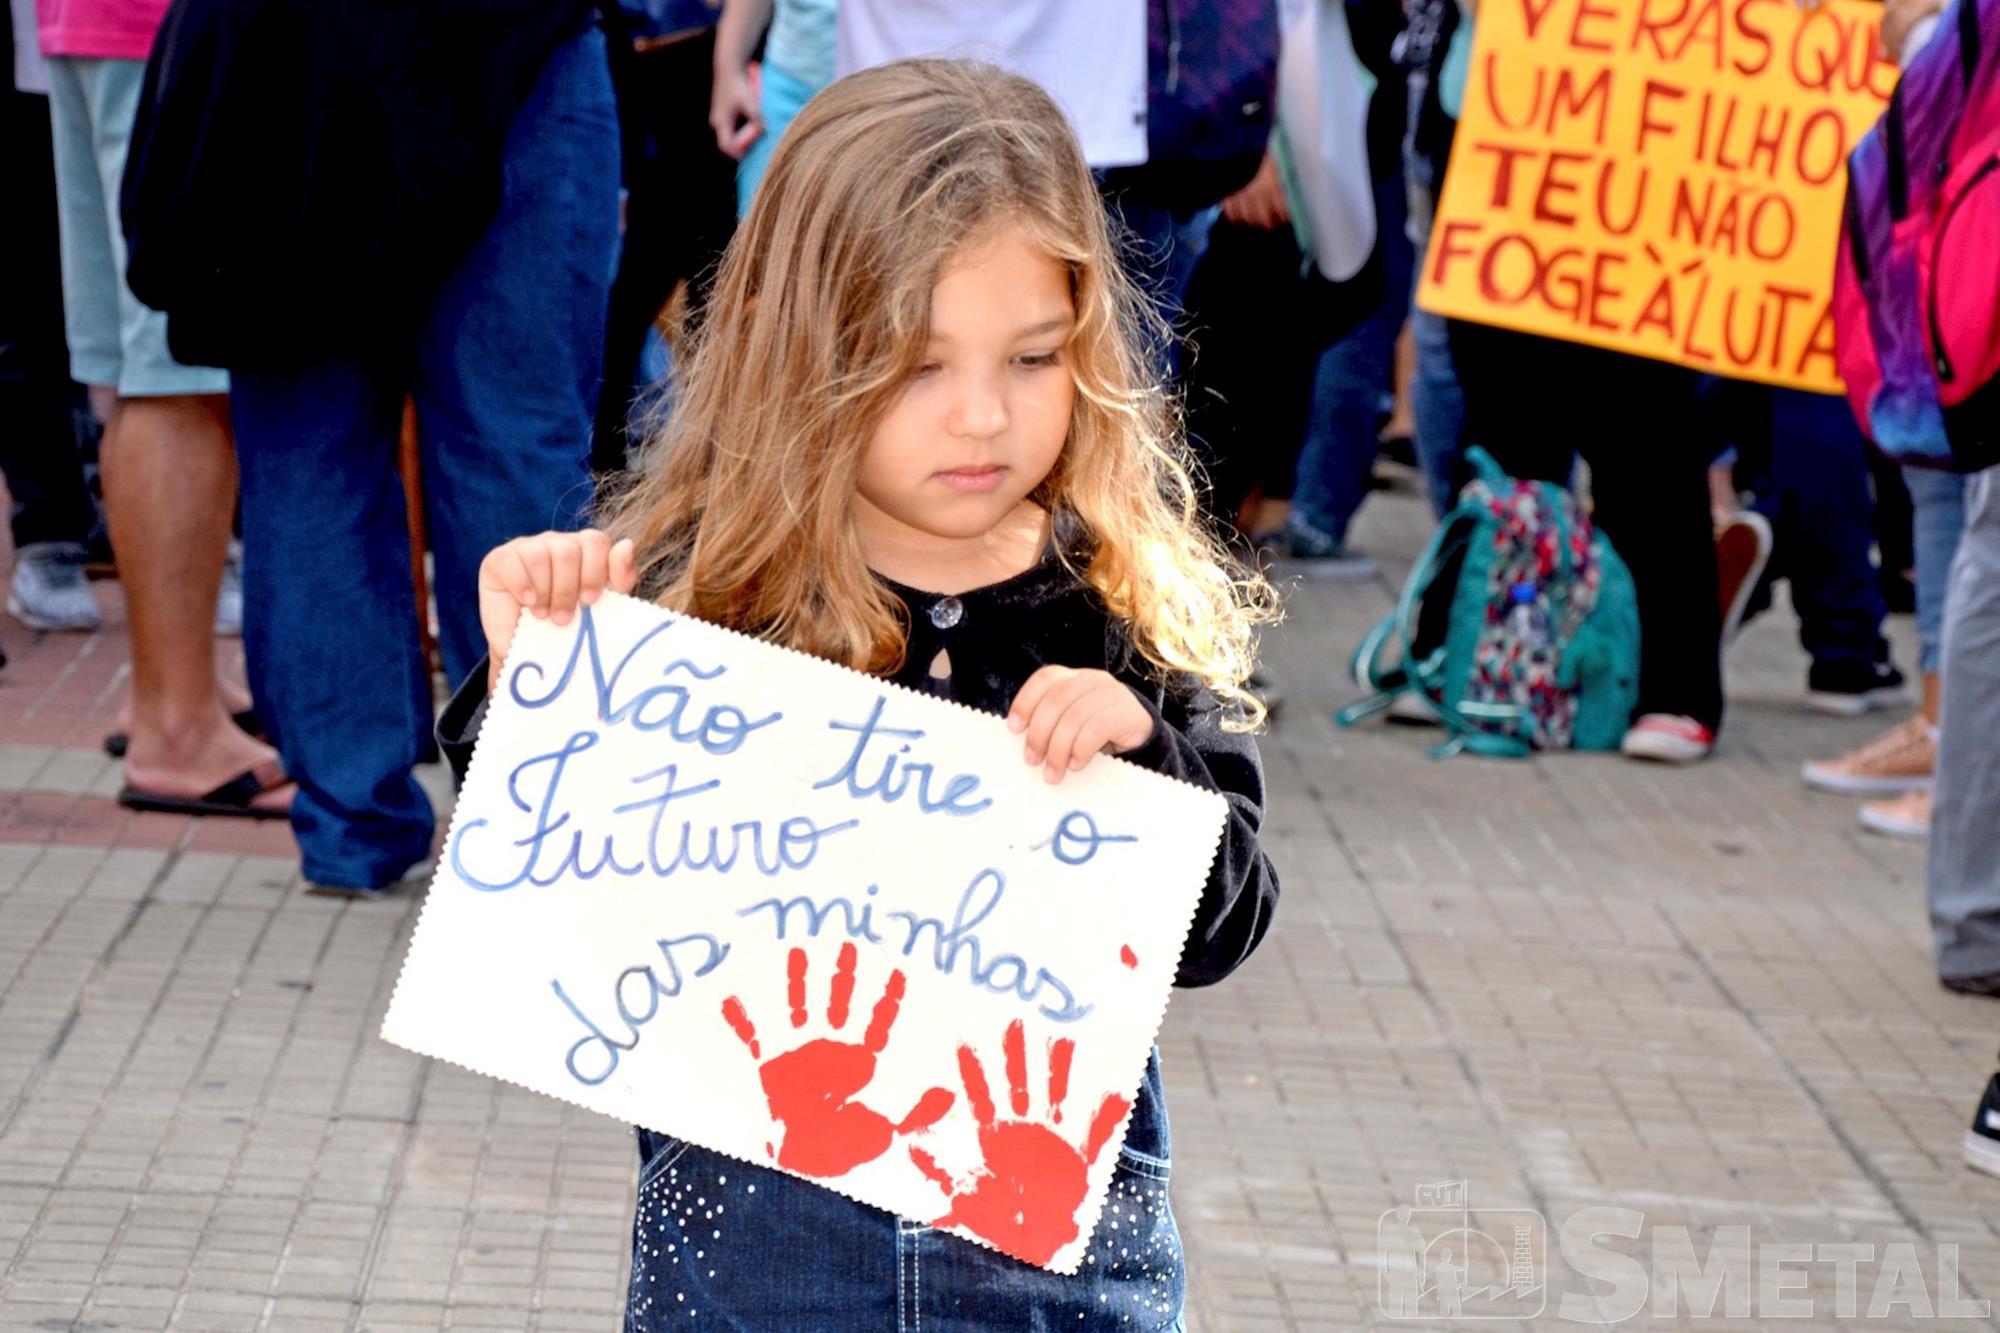 Protesto nesta quarta-feira,  dia 15 de maio,  tomou as ruas de Sorocaba, protesto,  educação,  sorocaba,  previdência,  greve,  professor,  estudante, Foguinho e Daniela Gaspari / Imprensa SMetal, Protesto contra os cortes na Educação em Sorocaba